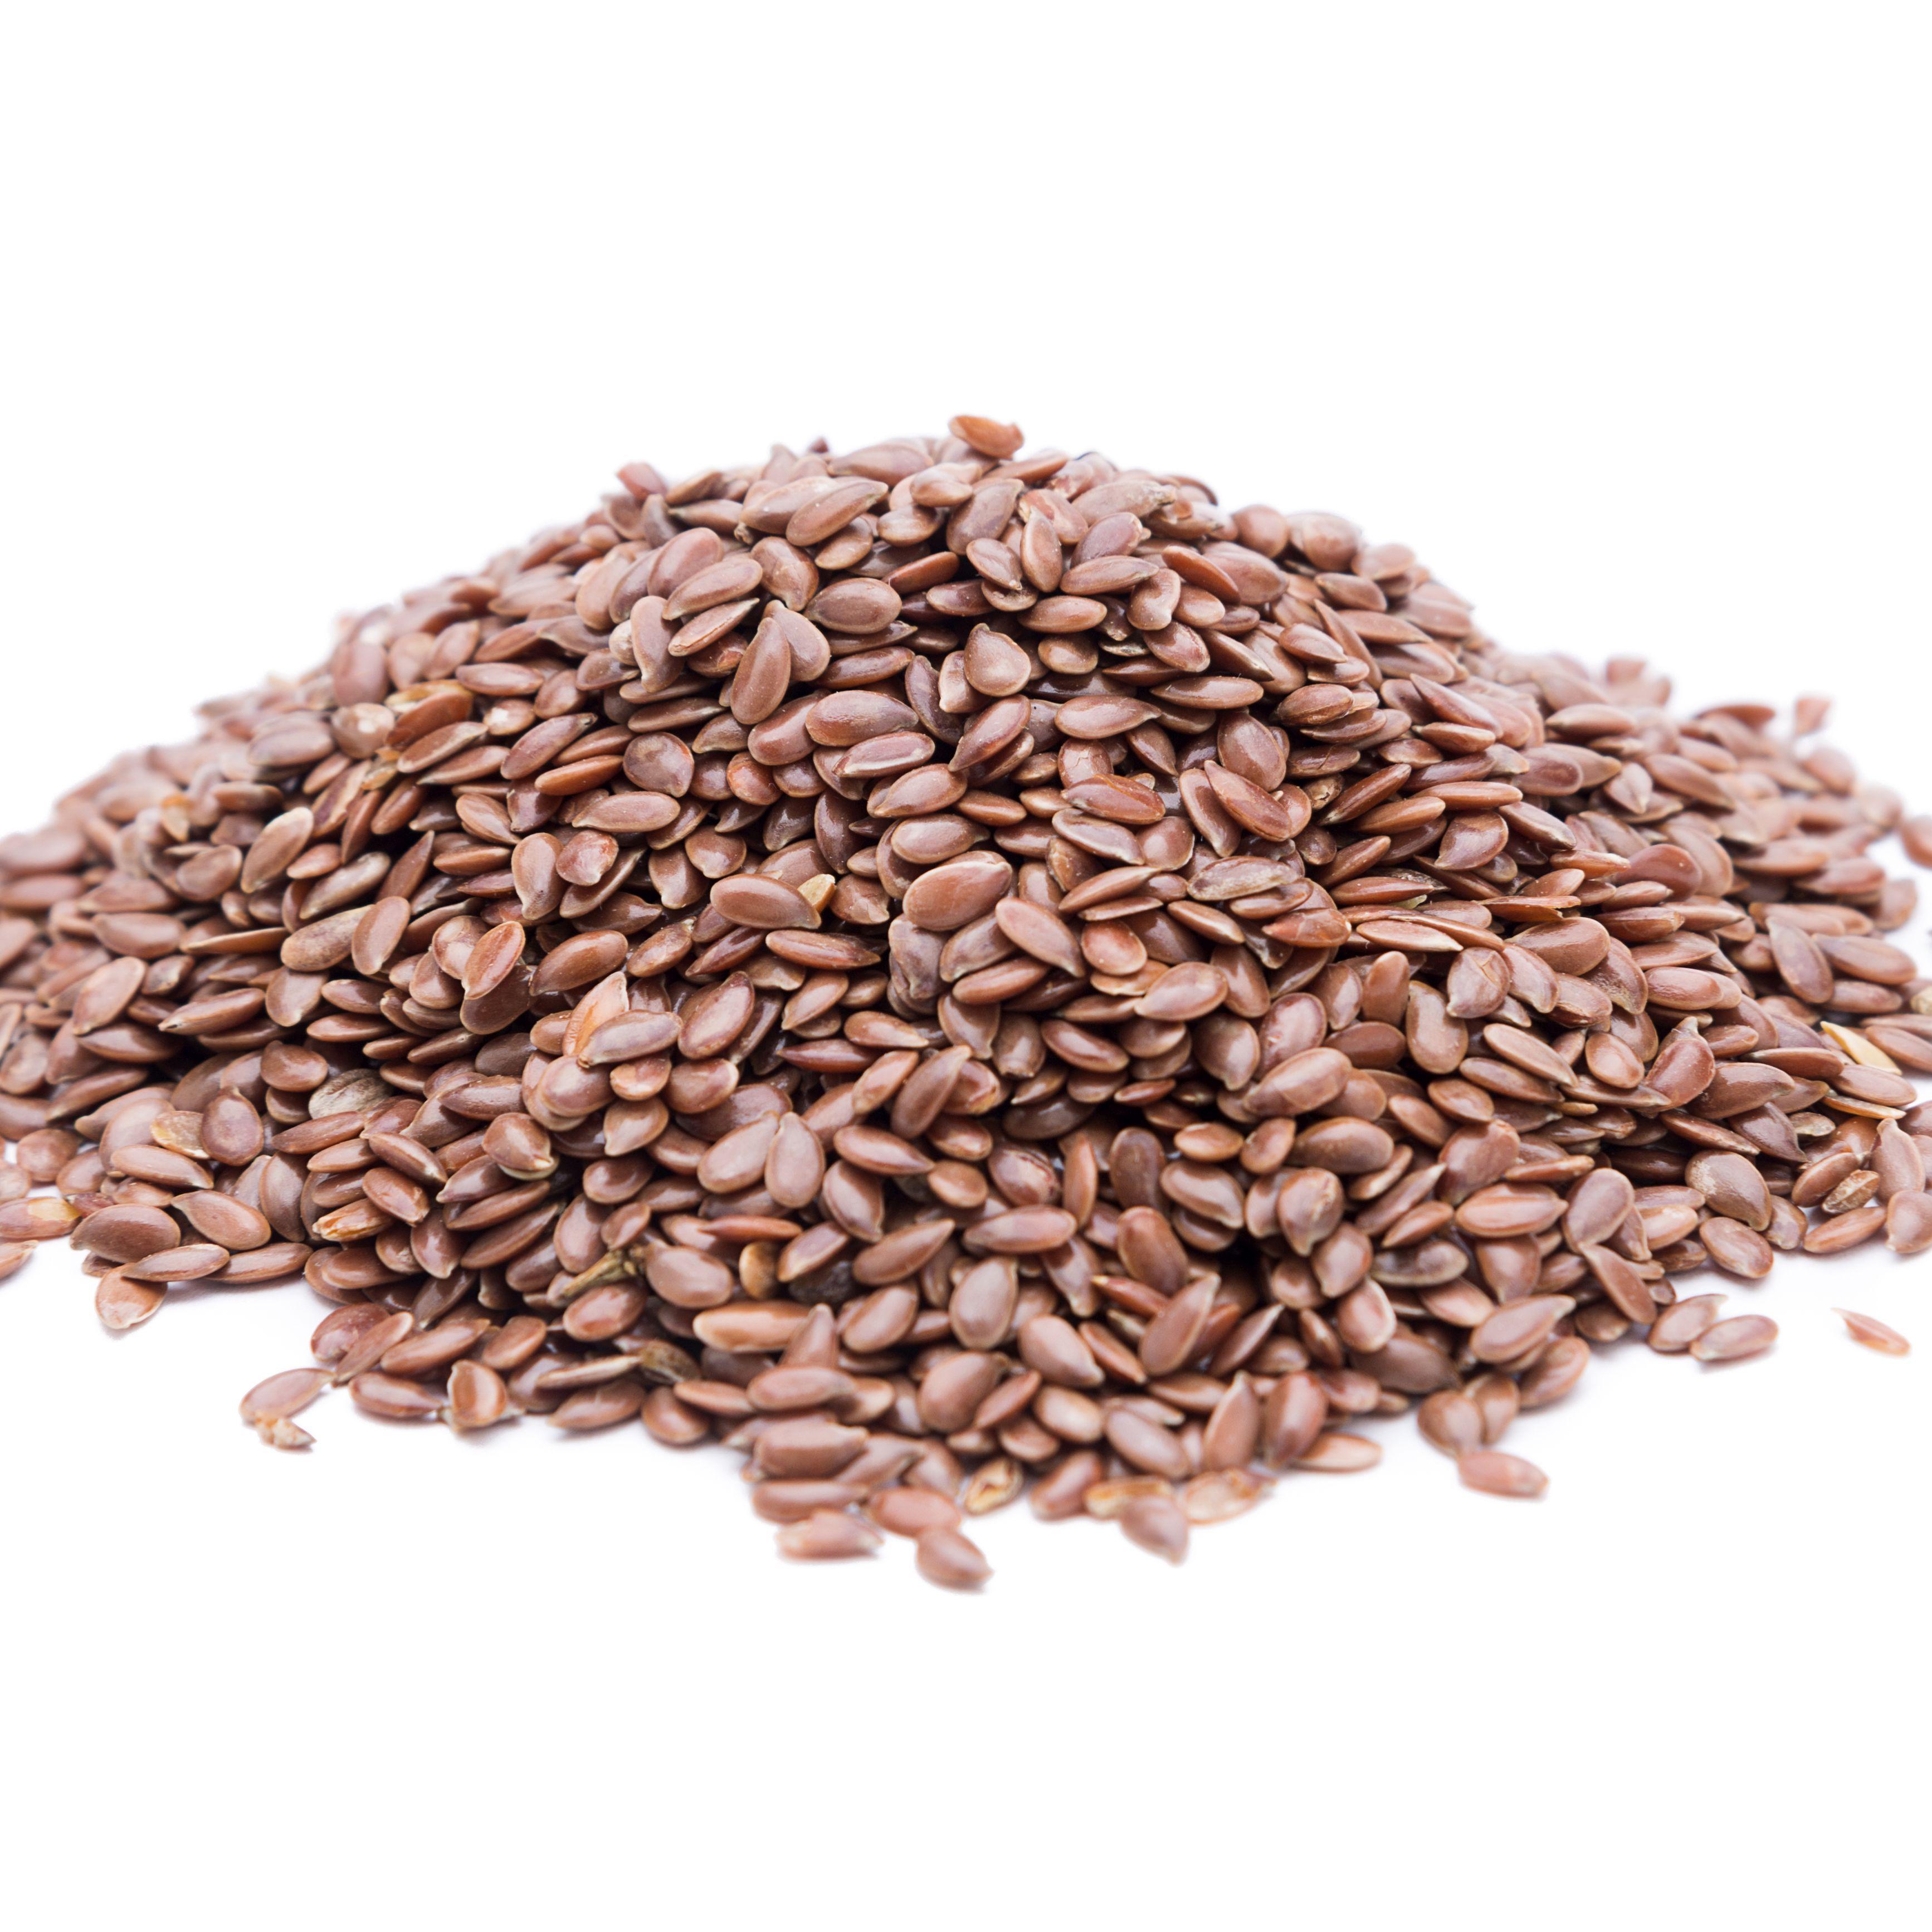 זרעי פשתן אורגניים - 500 גרם